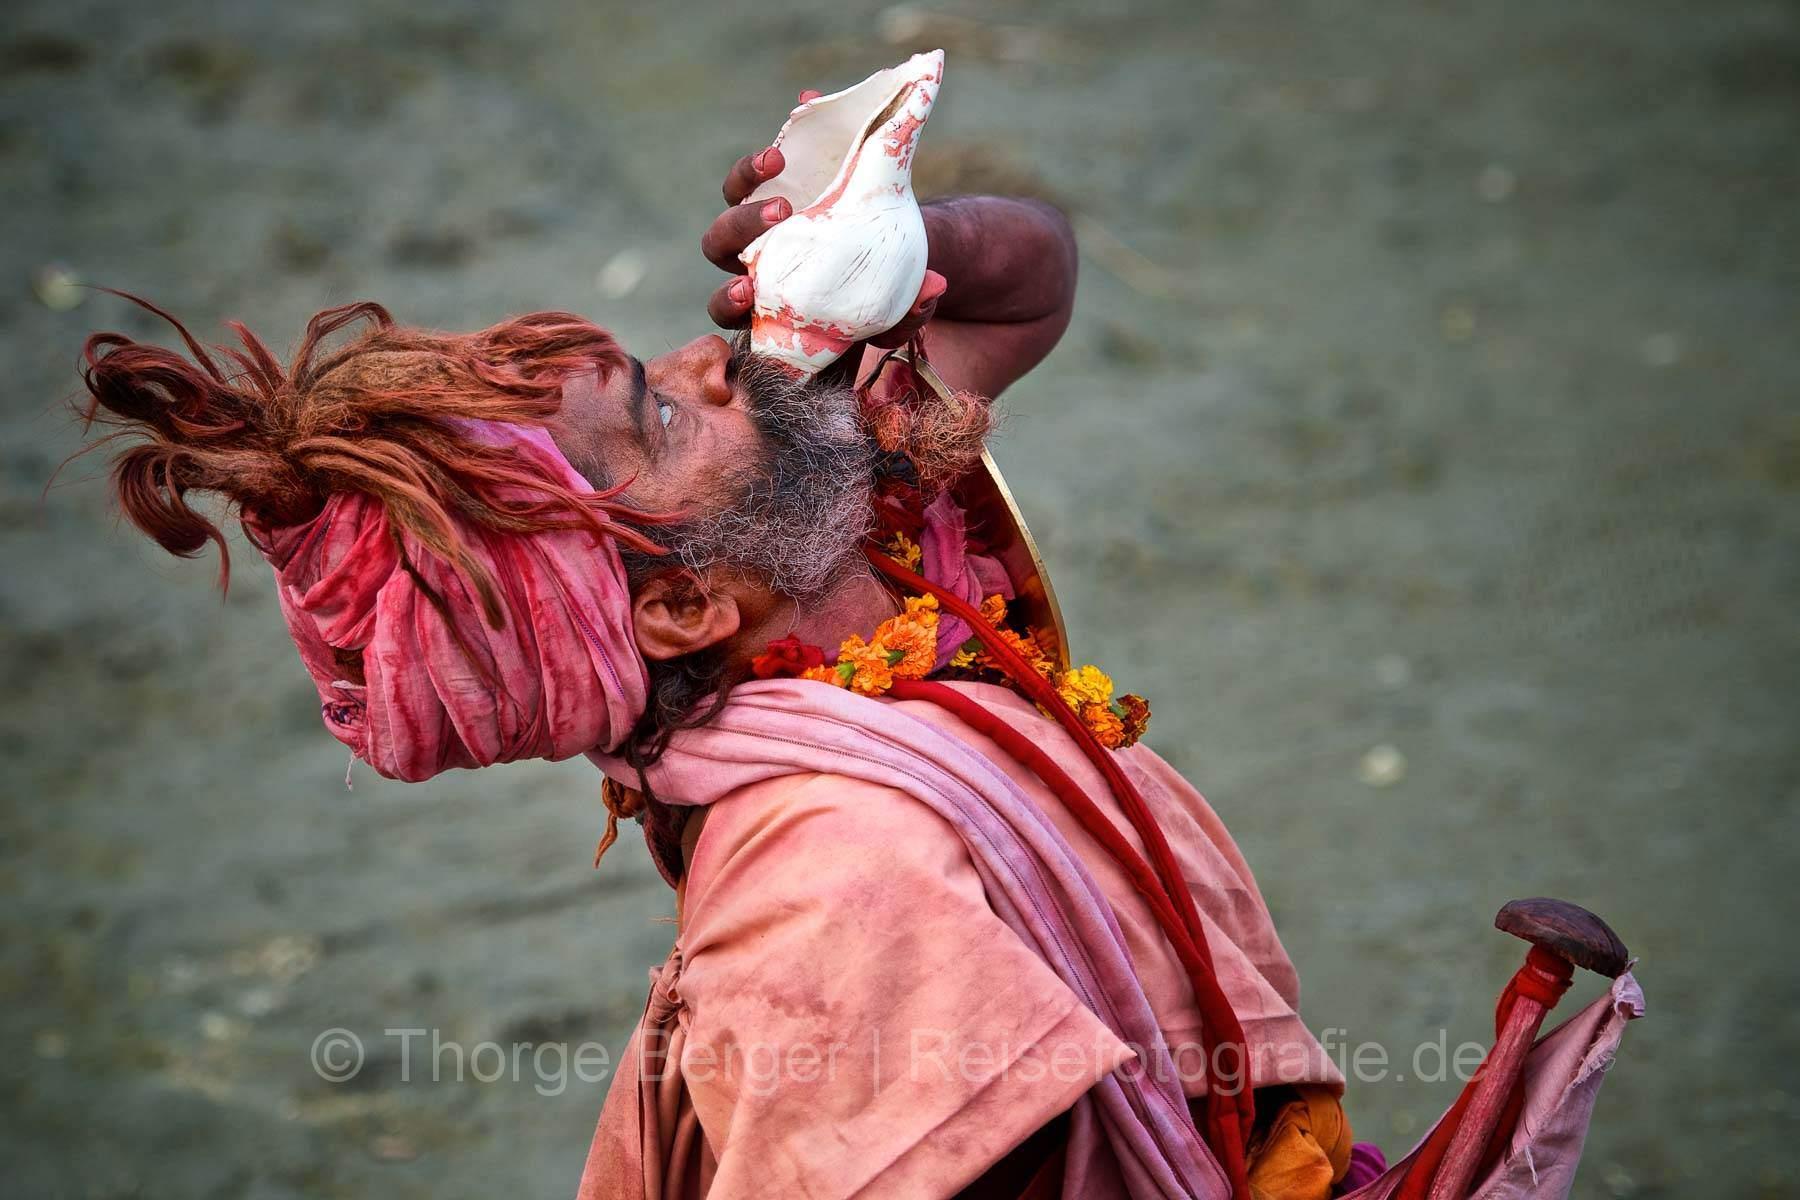 Sadhu bläst auf Muschel -  Kumbh Mela in Allhabad 2013